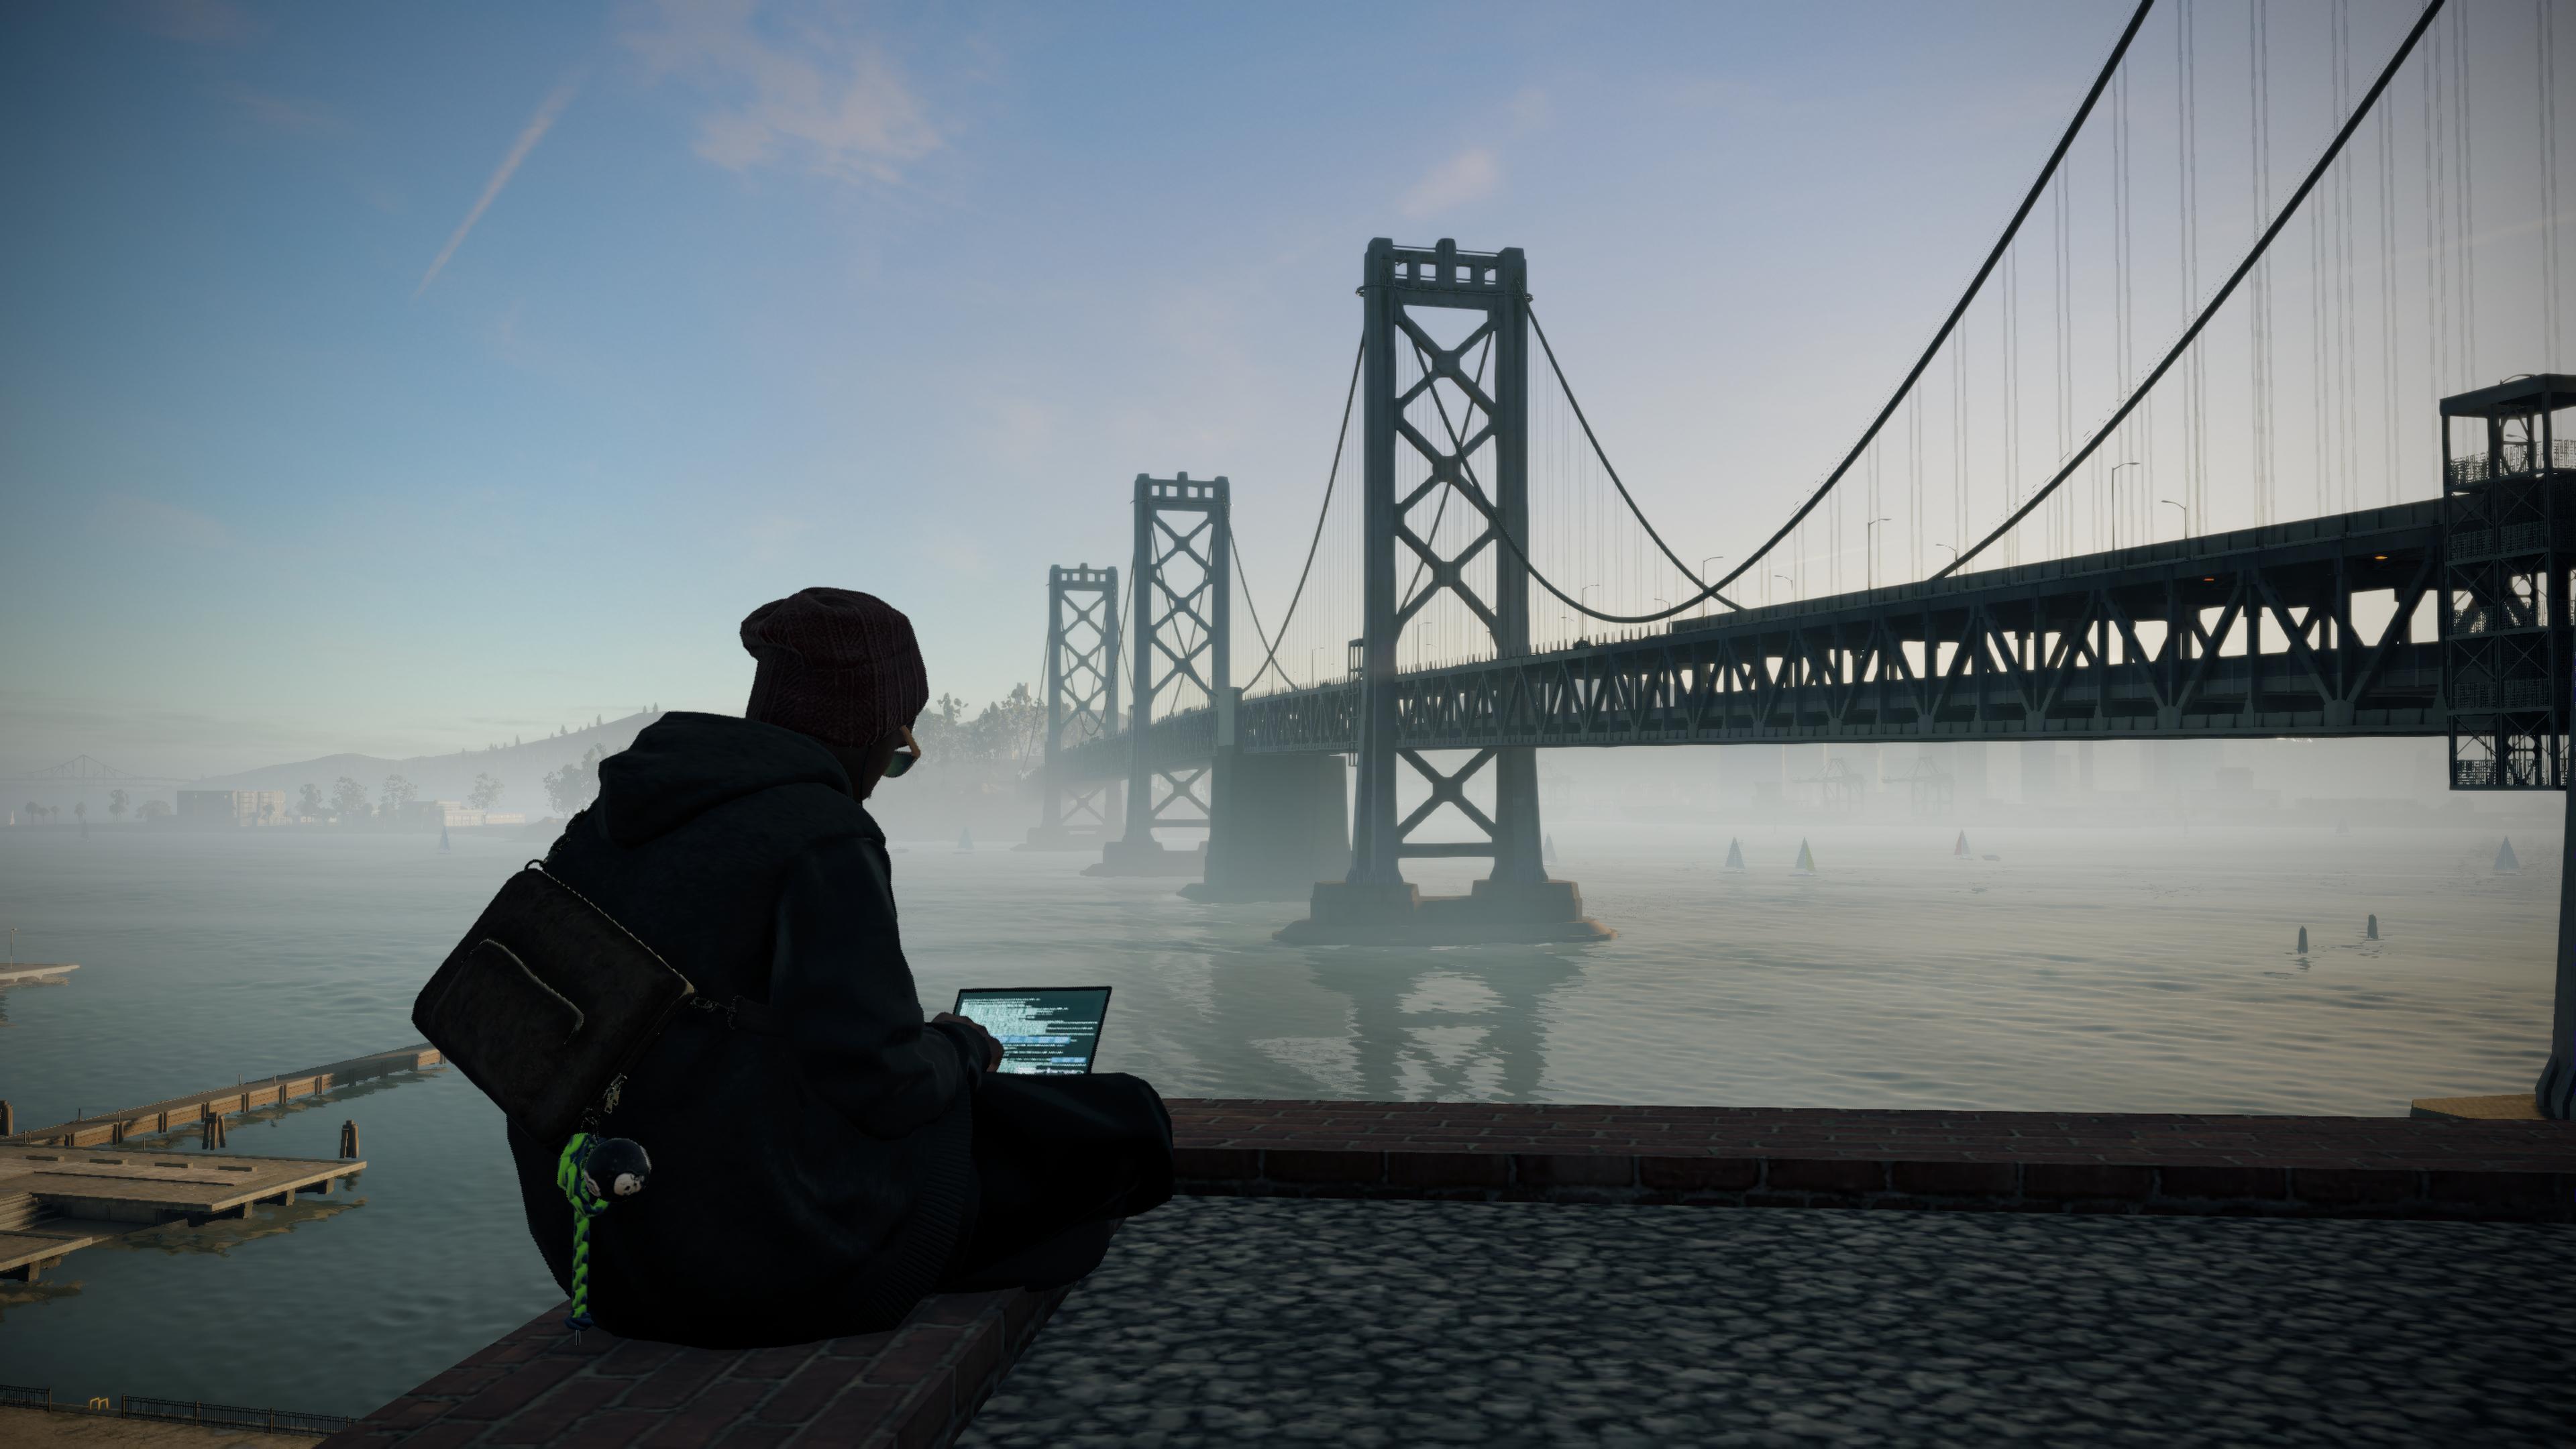 watch dogs 2 wallpaper 4k,water,bridge,sky,sitting,river